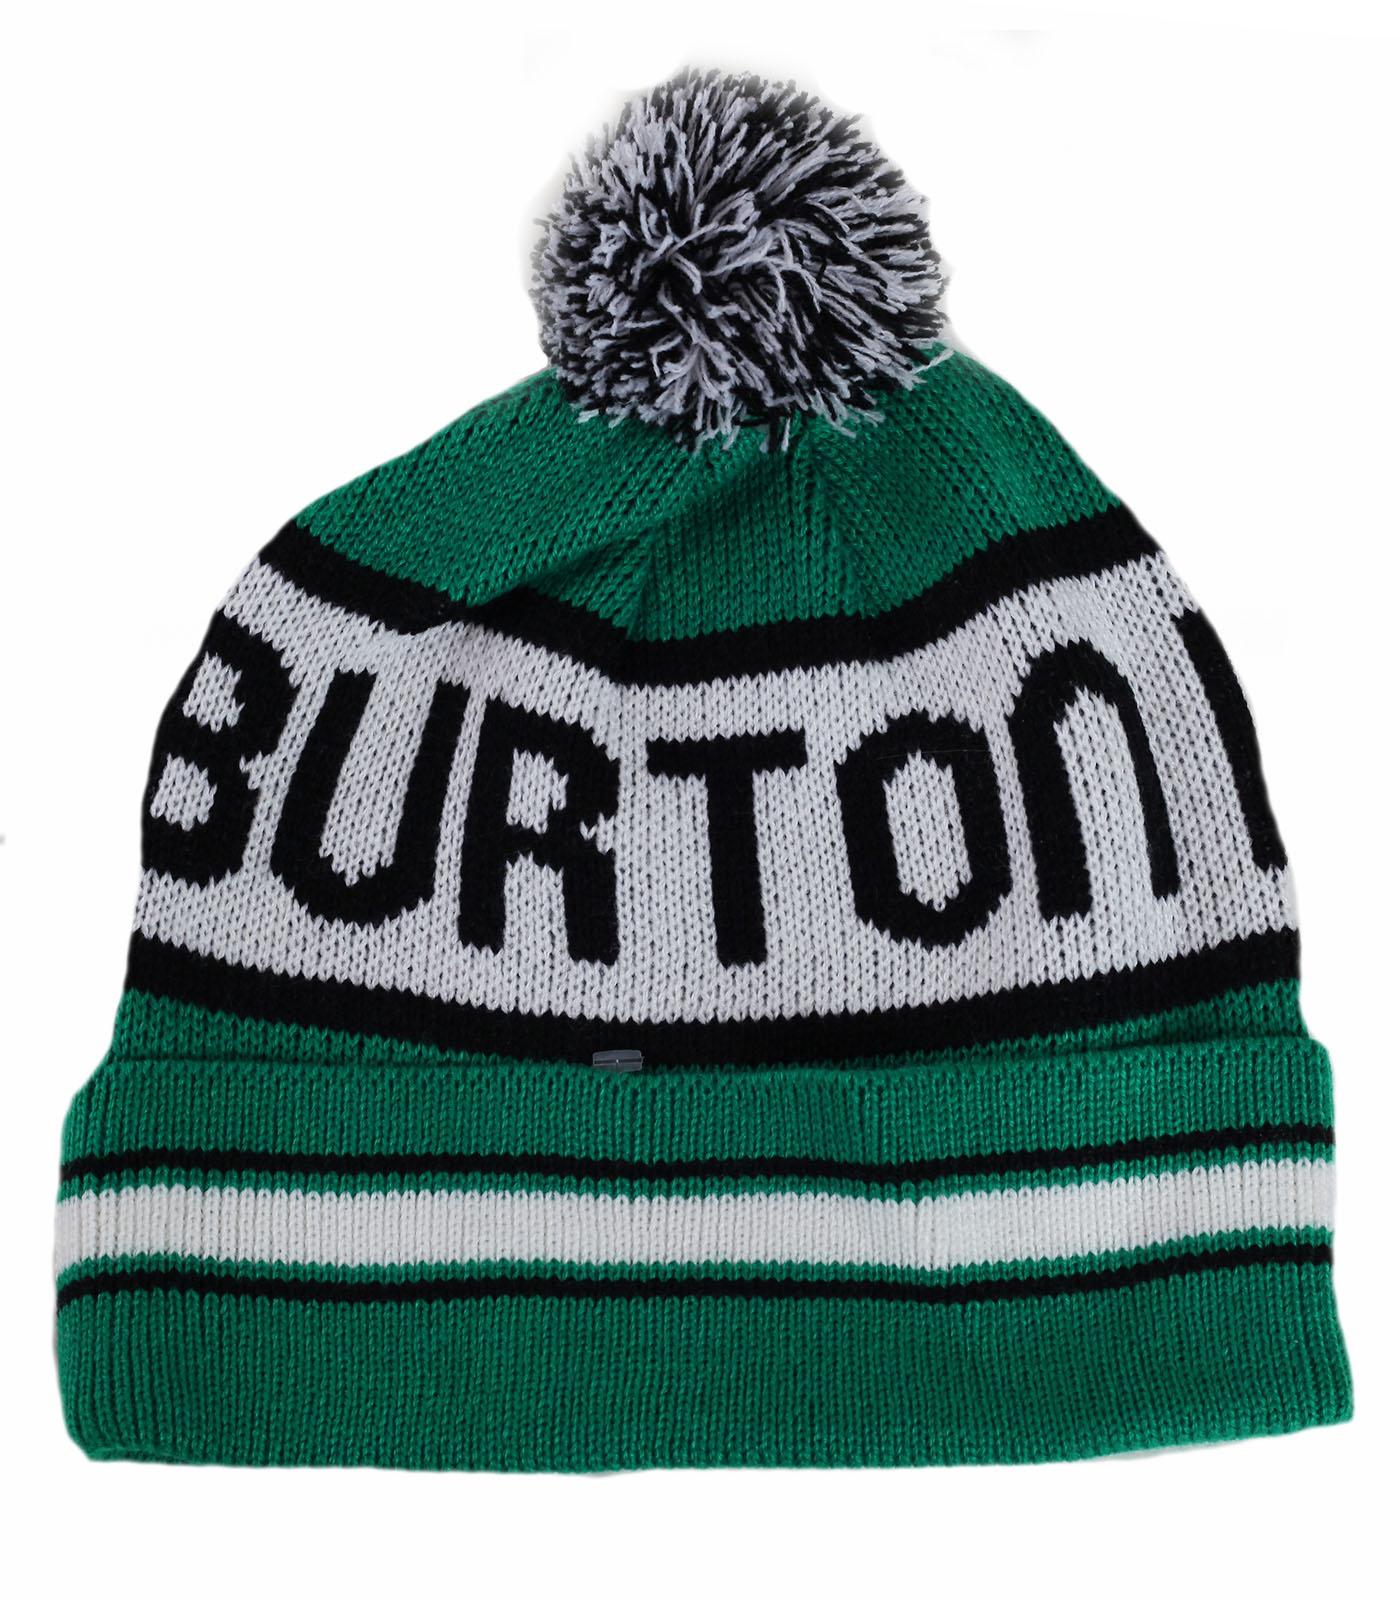 Купить молодежную шапку отменного качества солидного бренда Burton достойный аксессуар для спорта по привлекательной цене